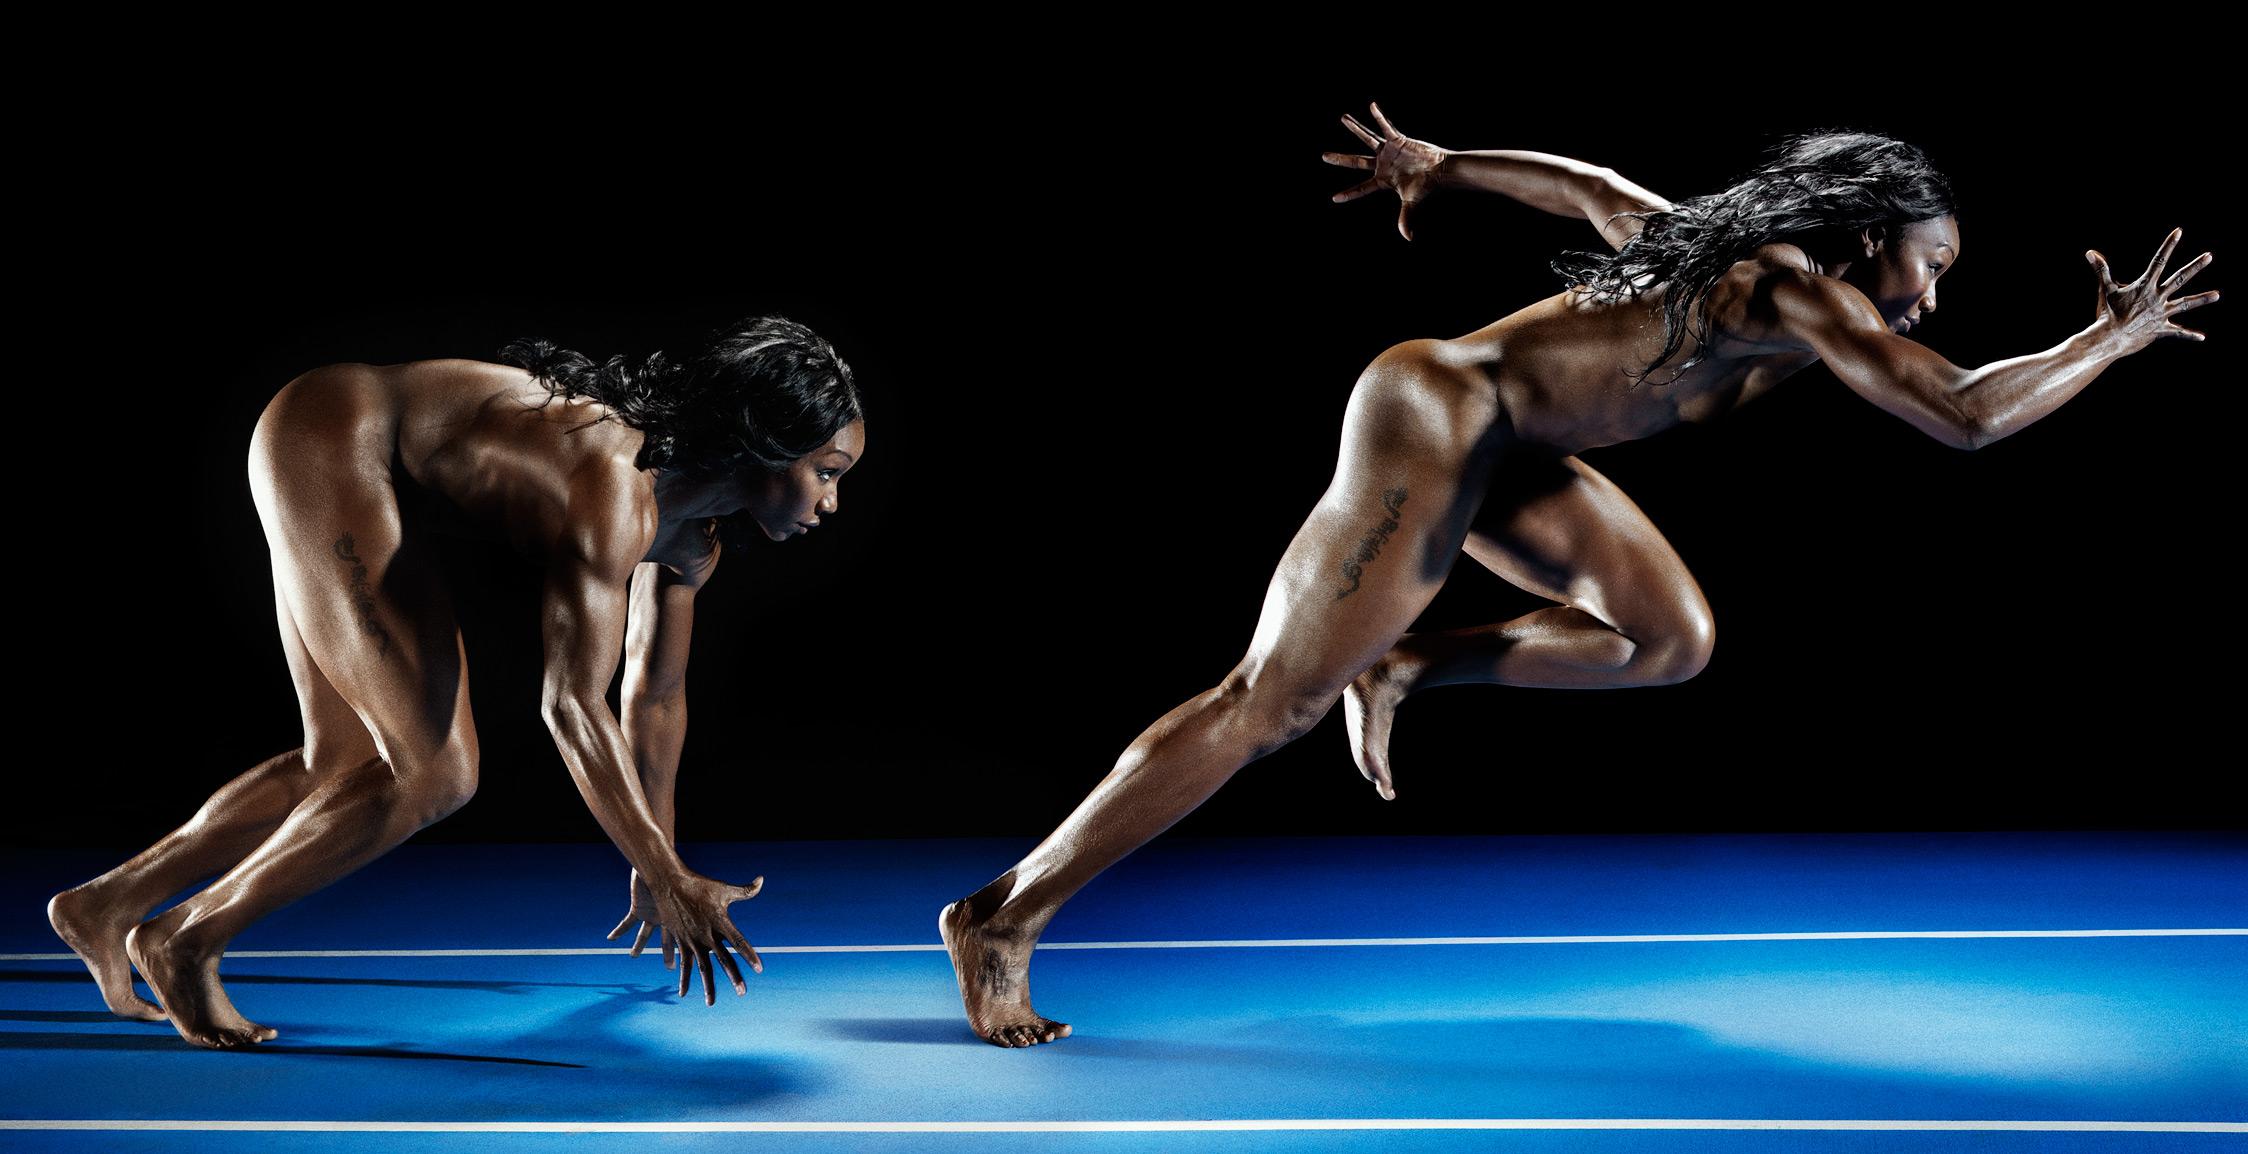 Эротика женщины атлетки 6 фотография